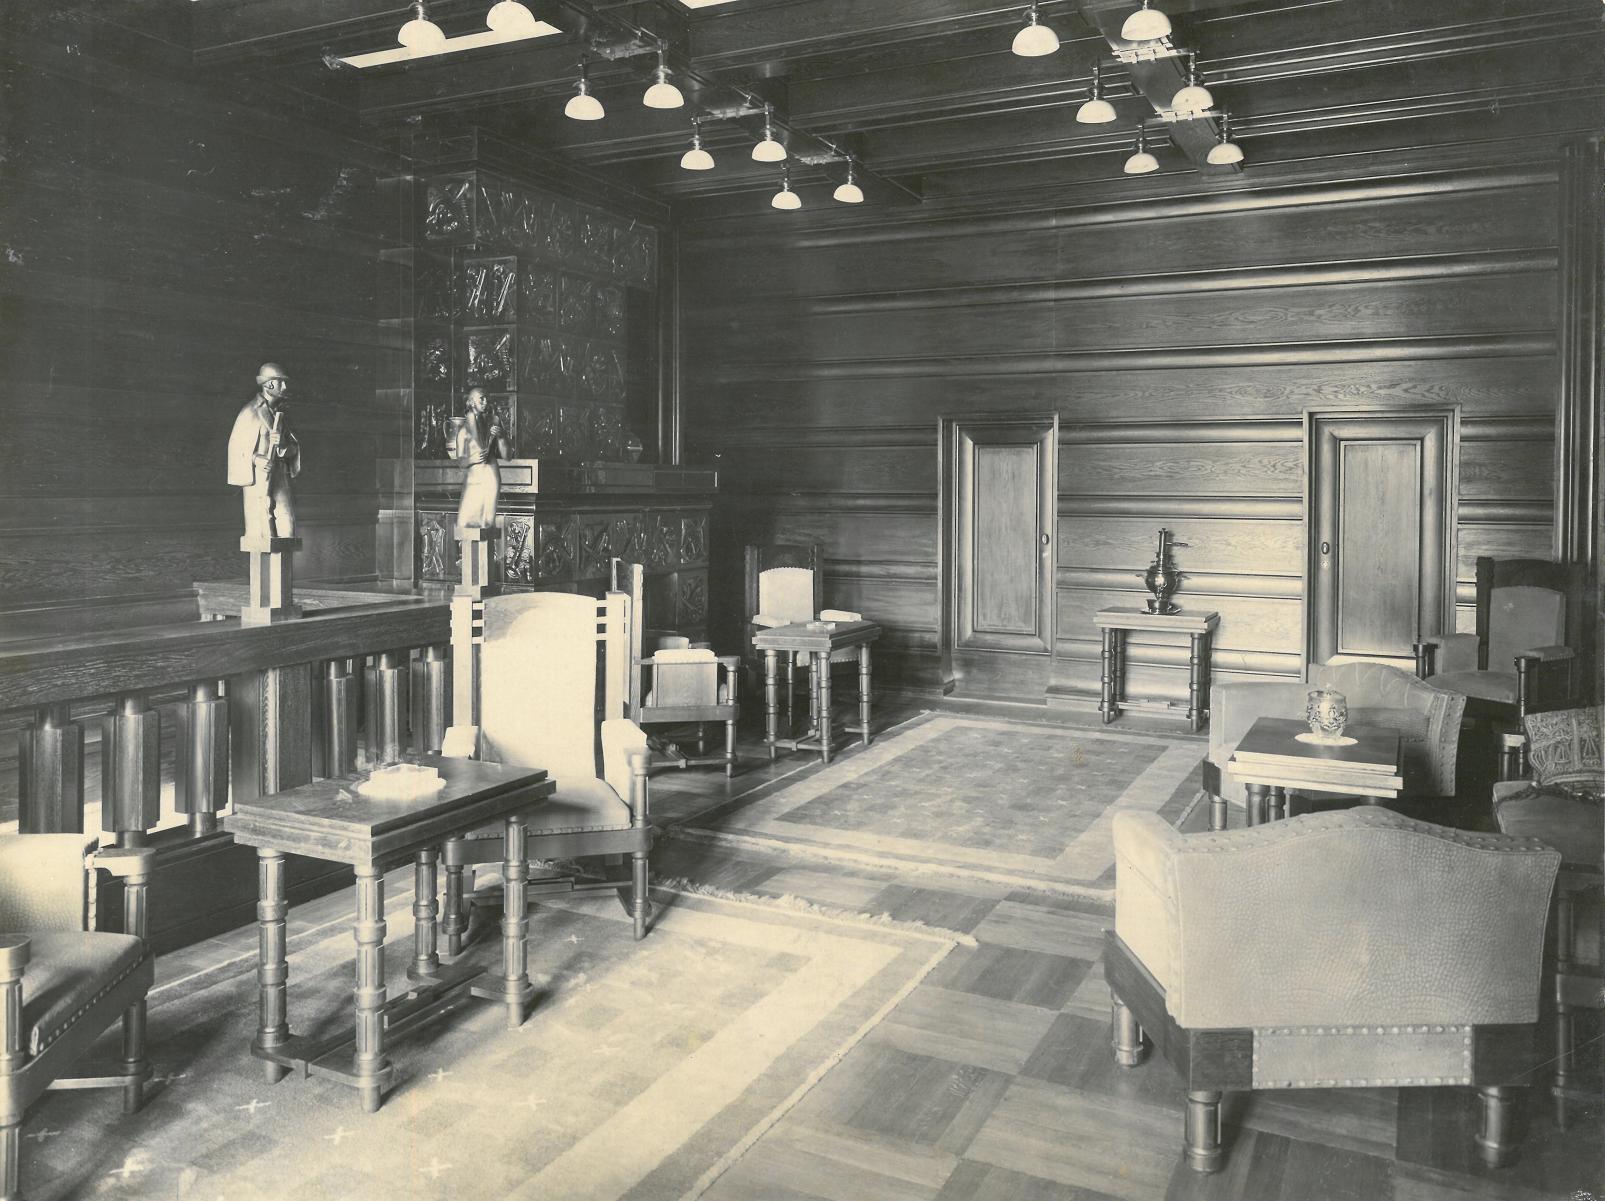 Pohled do interiéru s obloženými stěnami a stropem, s nábytkem, lustry a sochařskou výzdobou